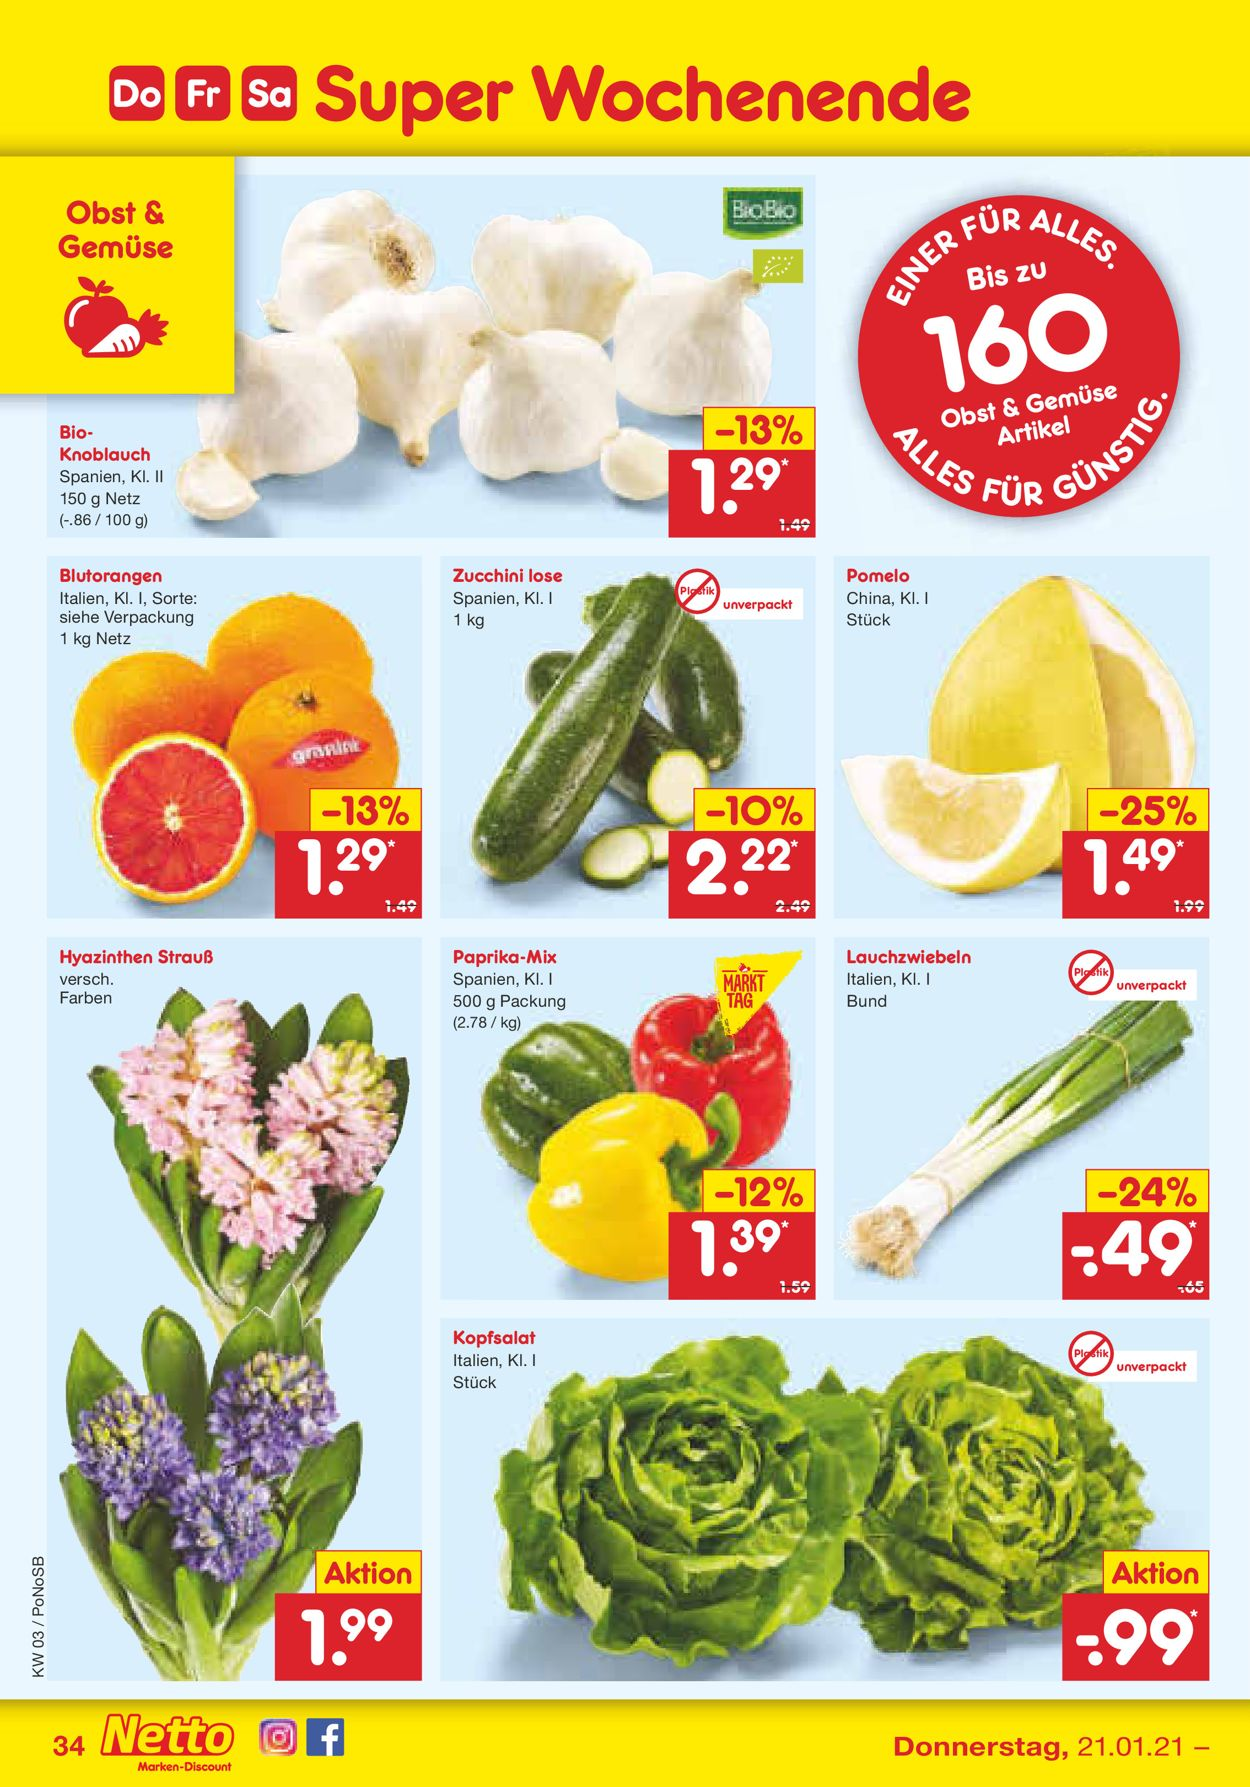 Netto Marken-Discount Prospekt - Aktuell vom 18.01-23.01.2021 (Seite 34)